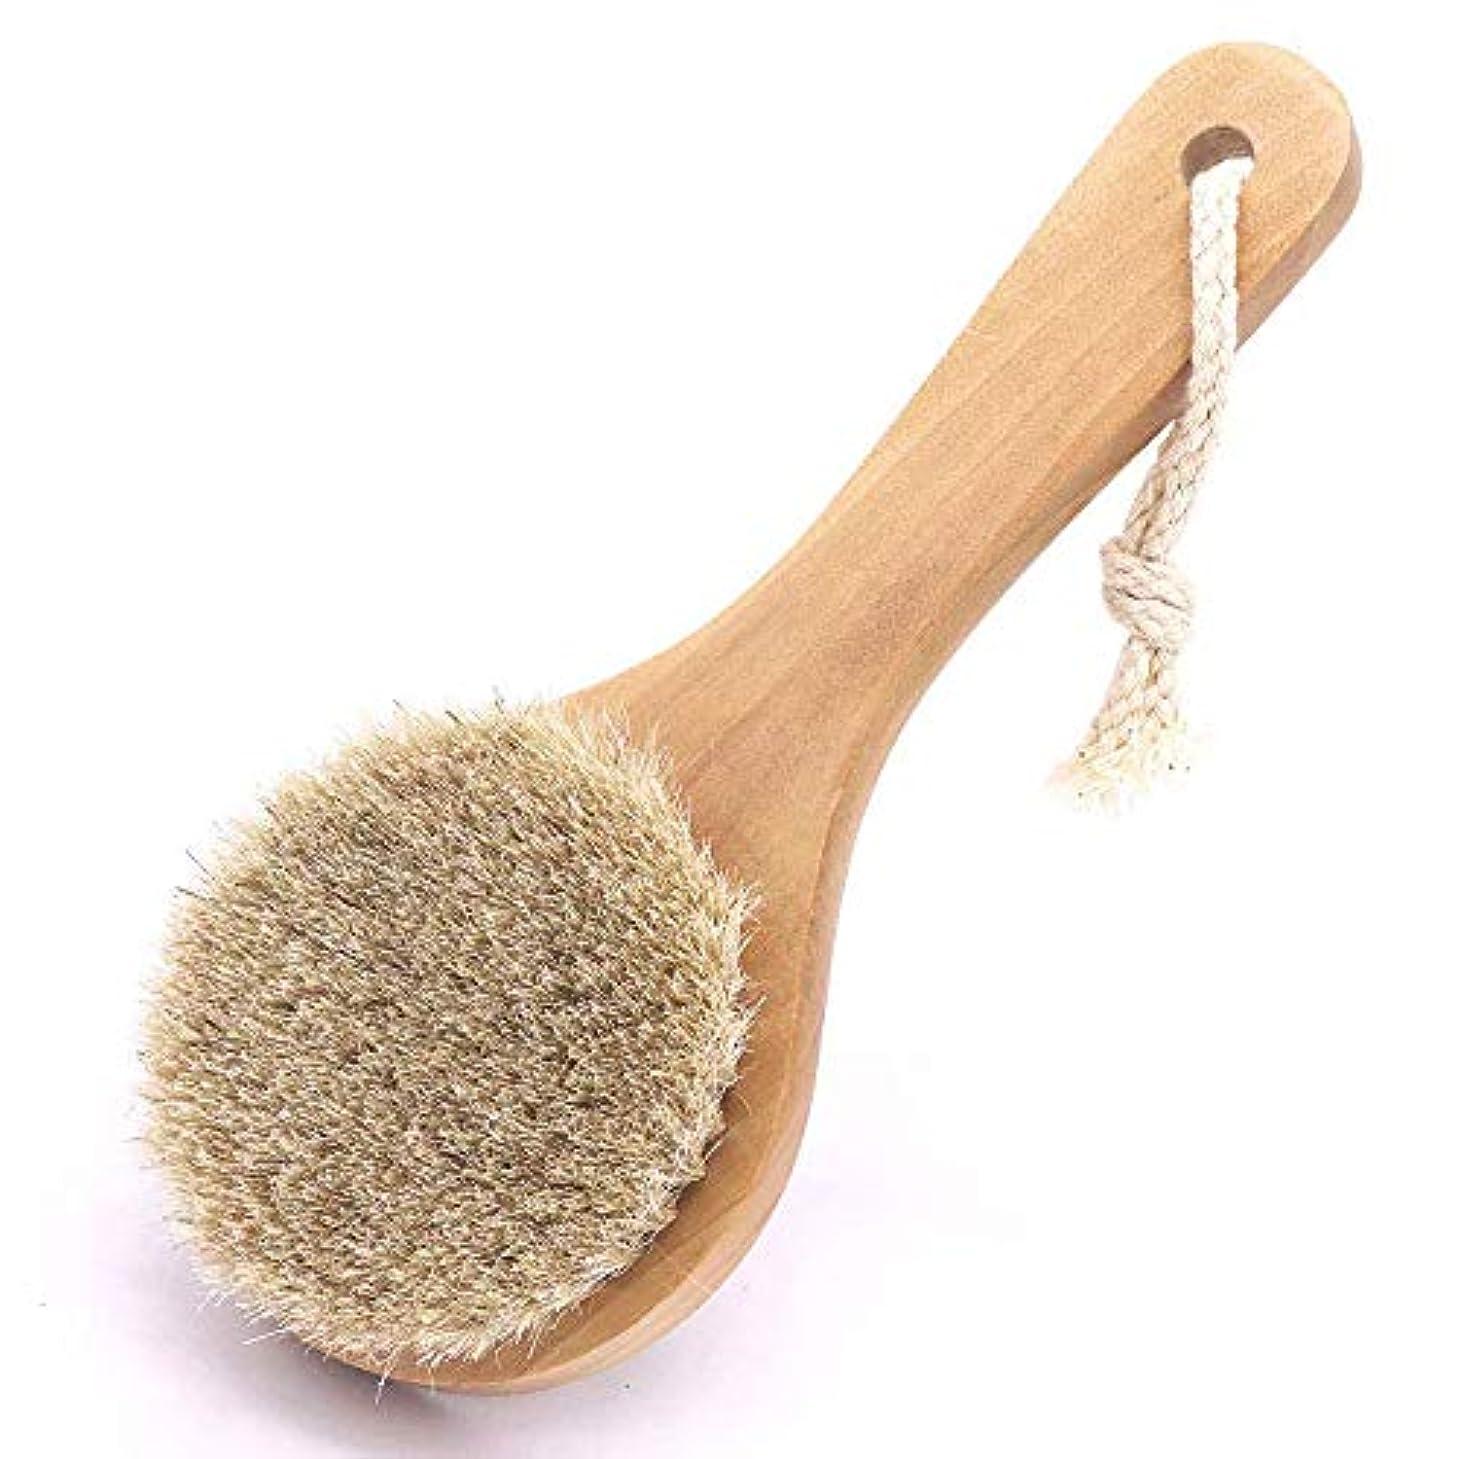 卑しい価格環境馬毛ボディブラシ 木製 短柄 足を洗う お風呂用 体洗い 女性 角質除去 柔らかい 美肌 馬毛ボディブラシ